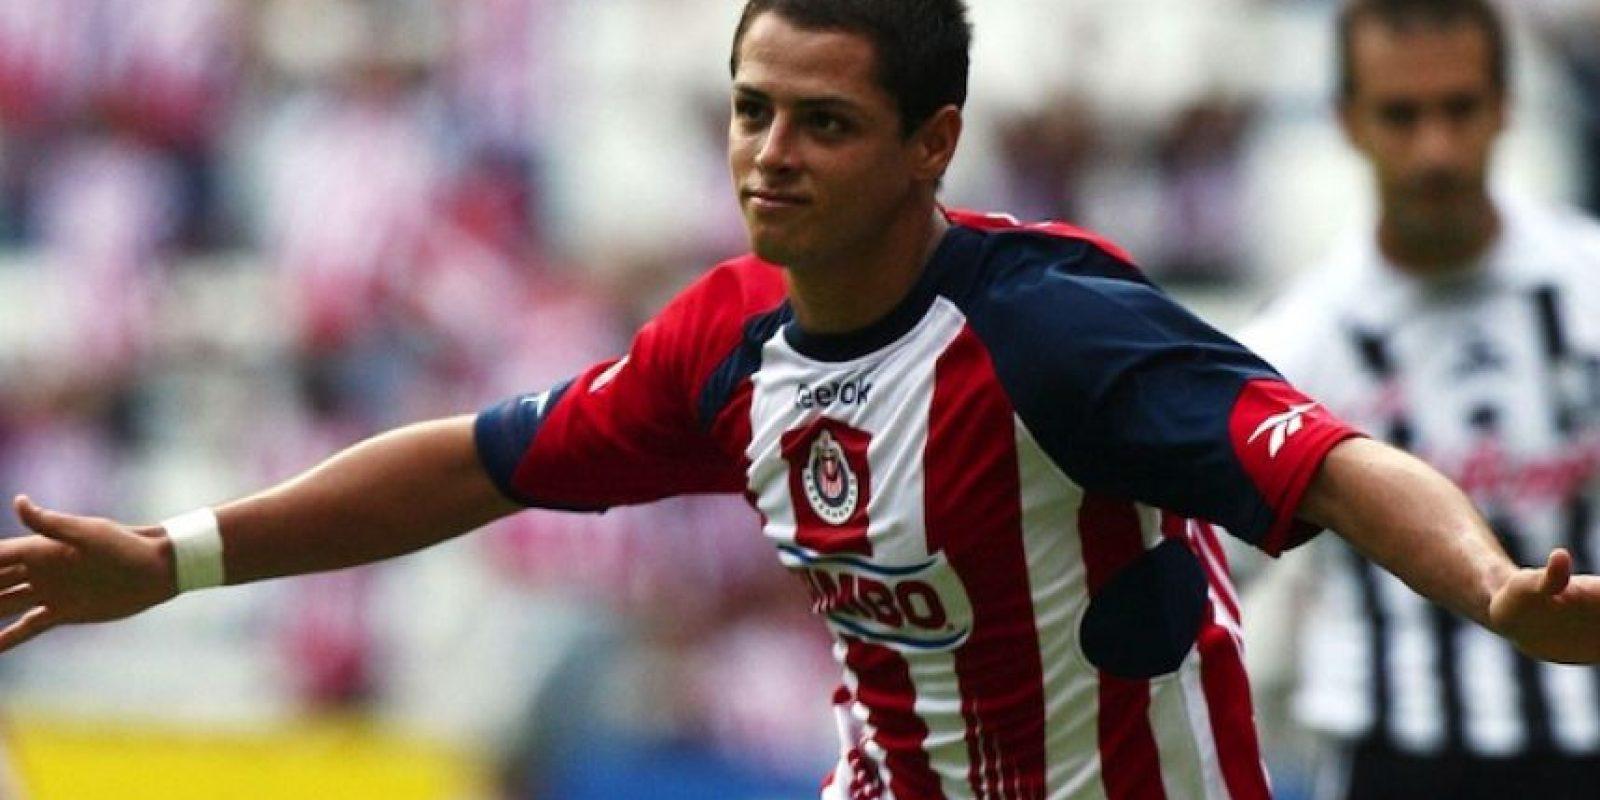 """Para Javier Hernández Chivas es """"el único equipo que siempre amará"""". Foto:Mexsport"""